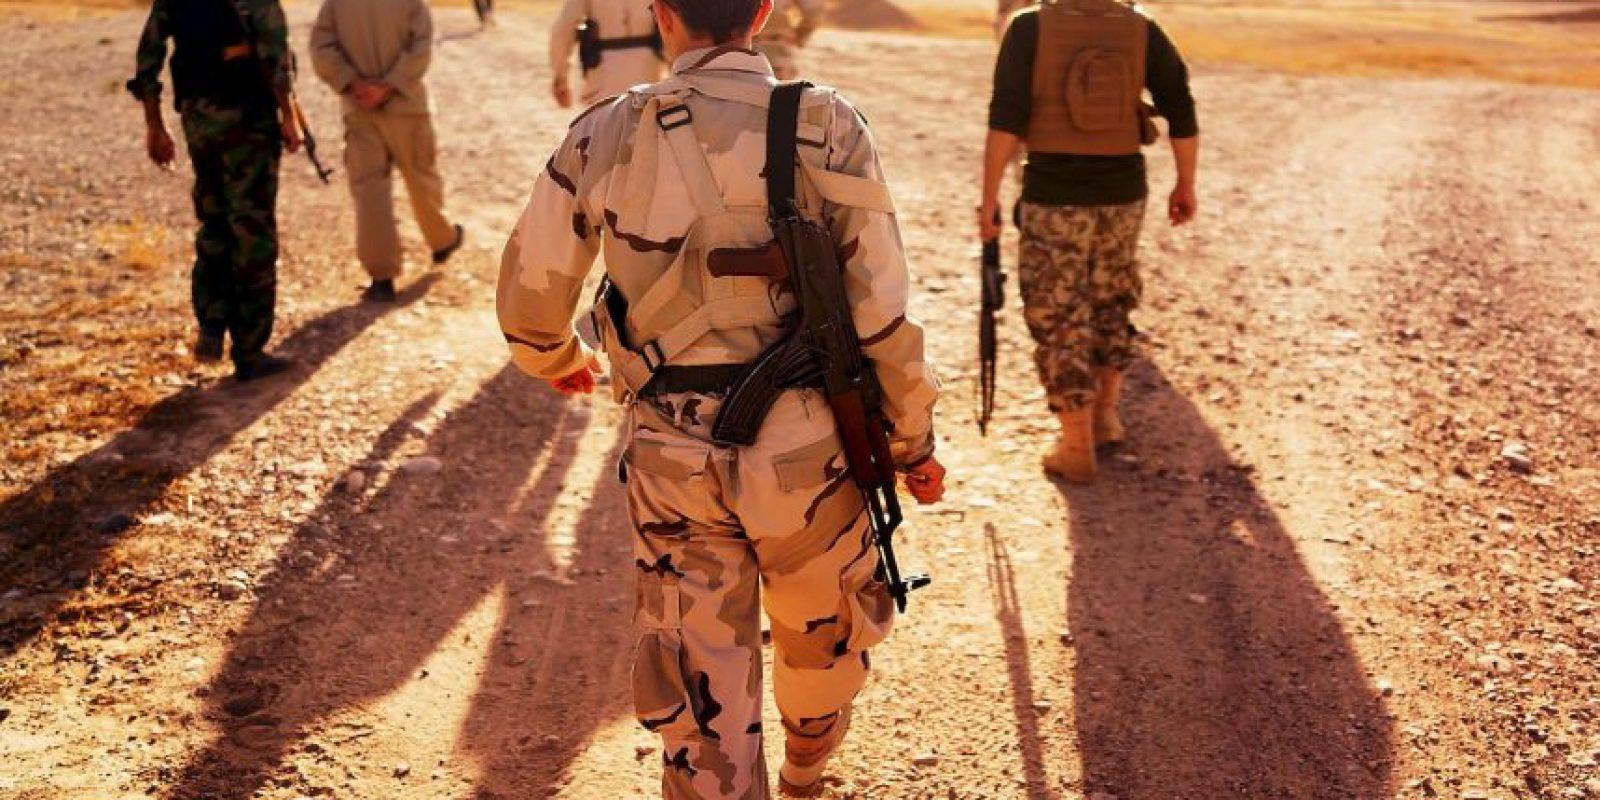 """1.- En 2004, con el grupo expandiendo sus acciones a Irak, el líder Abu Musab al-Zarqawi juró lealtad a Osama bin Laden y la organización pasó a conocerse informalmente como """"Al-Qaeda en Irak"""". Foto:Getty Images"""